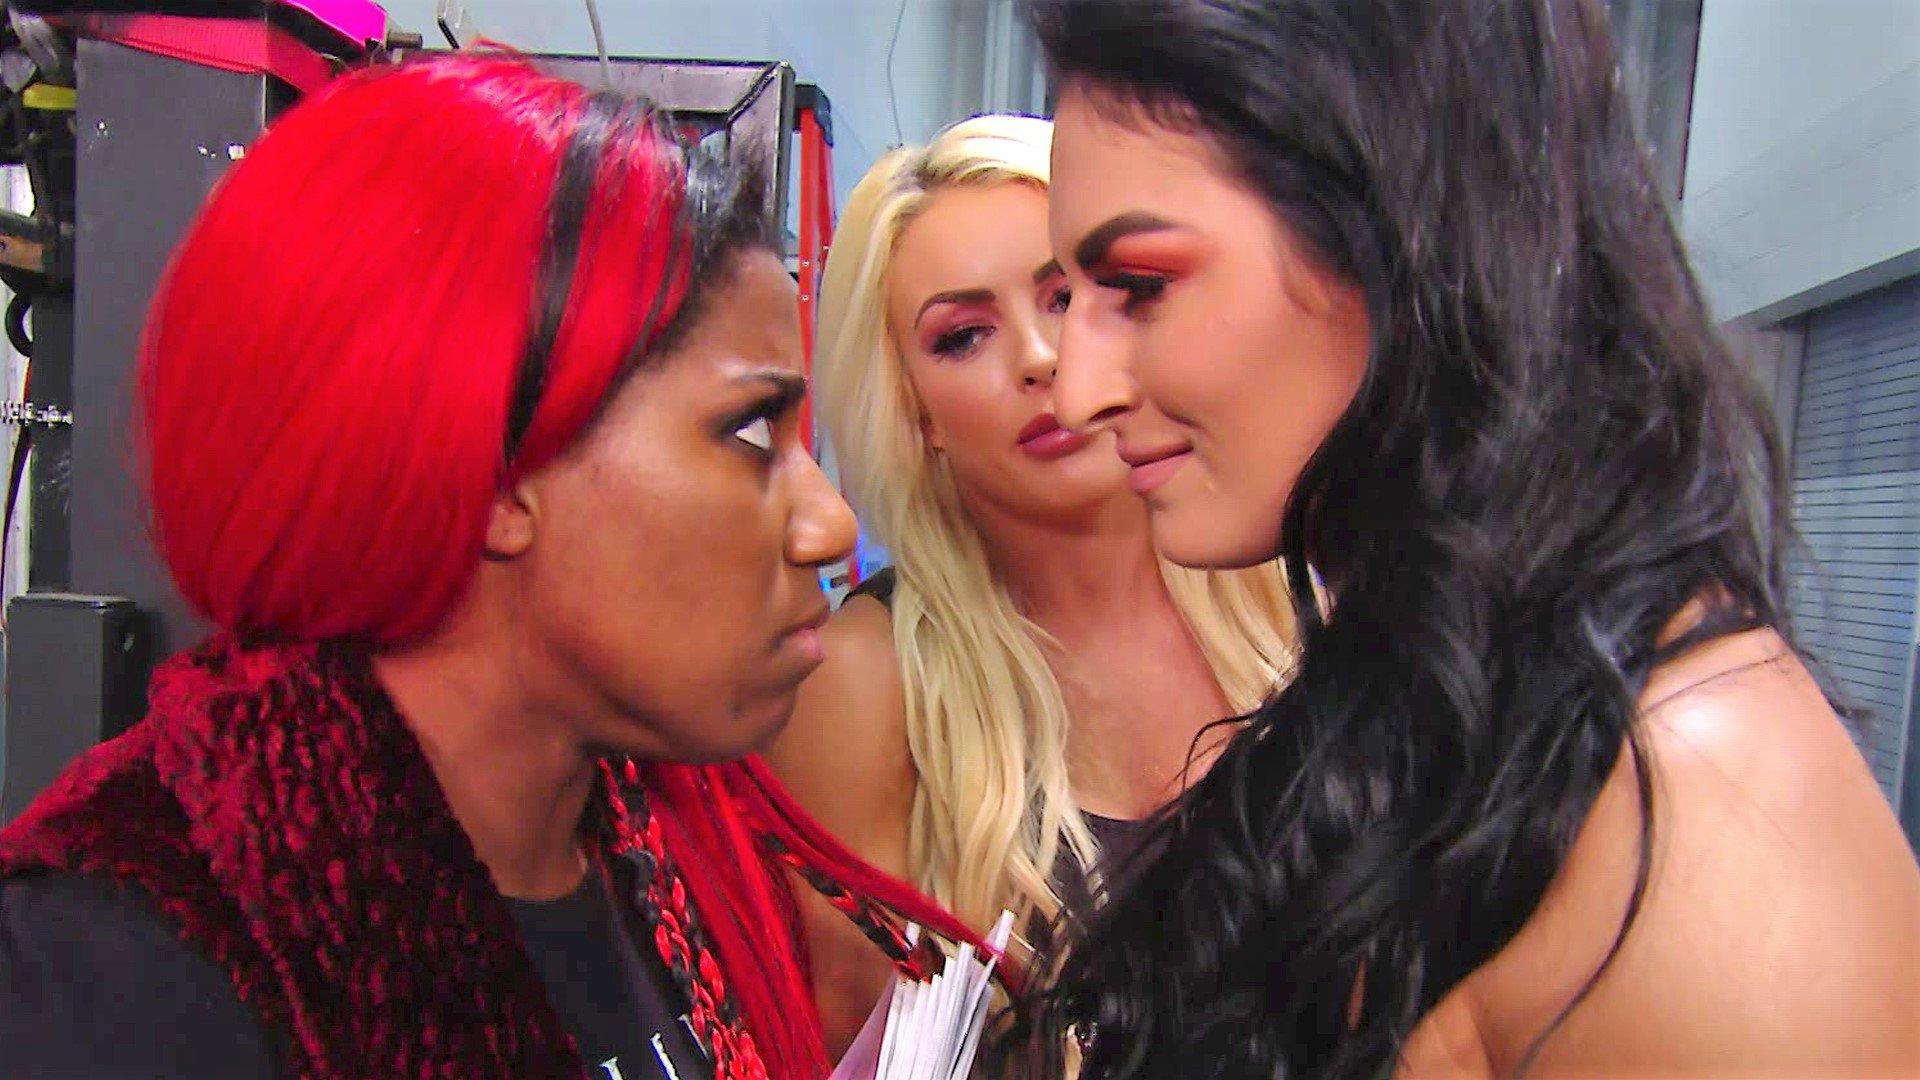 Mandy Rose & Sonya Deville ruinent les jeux vidéos d'Ember Moon: SmackDown LIVE, 11 Juin 2019